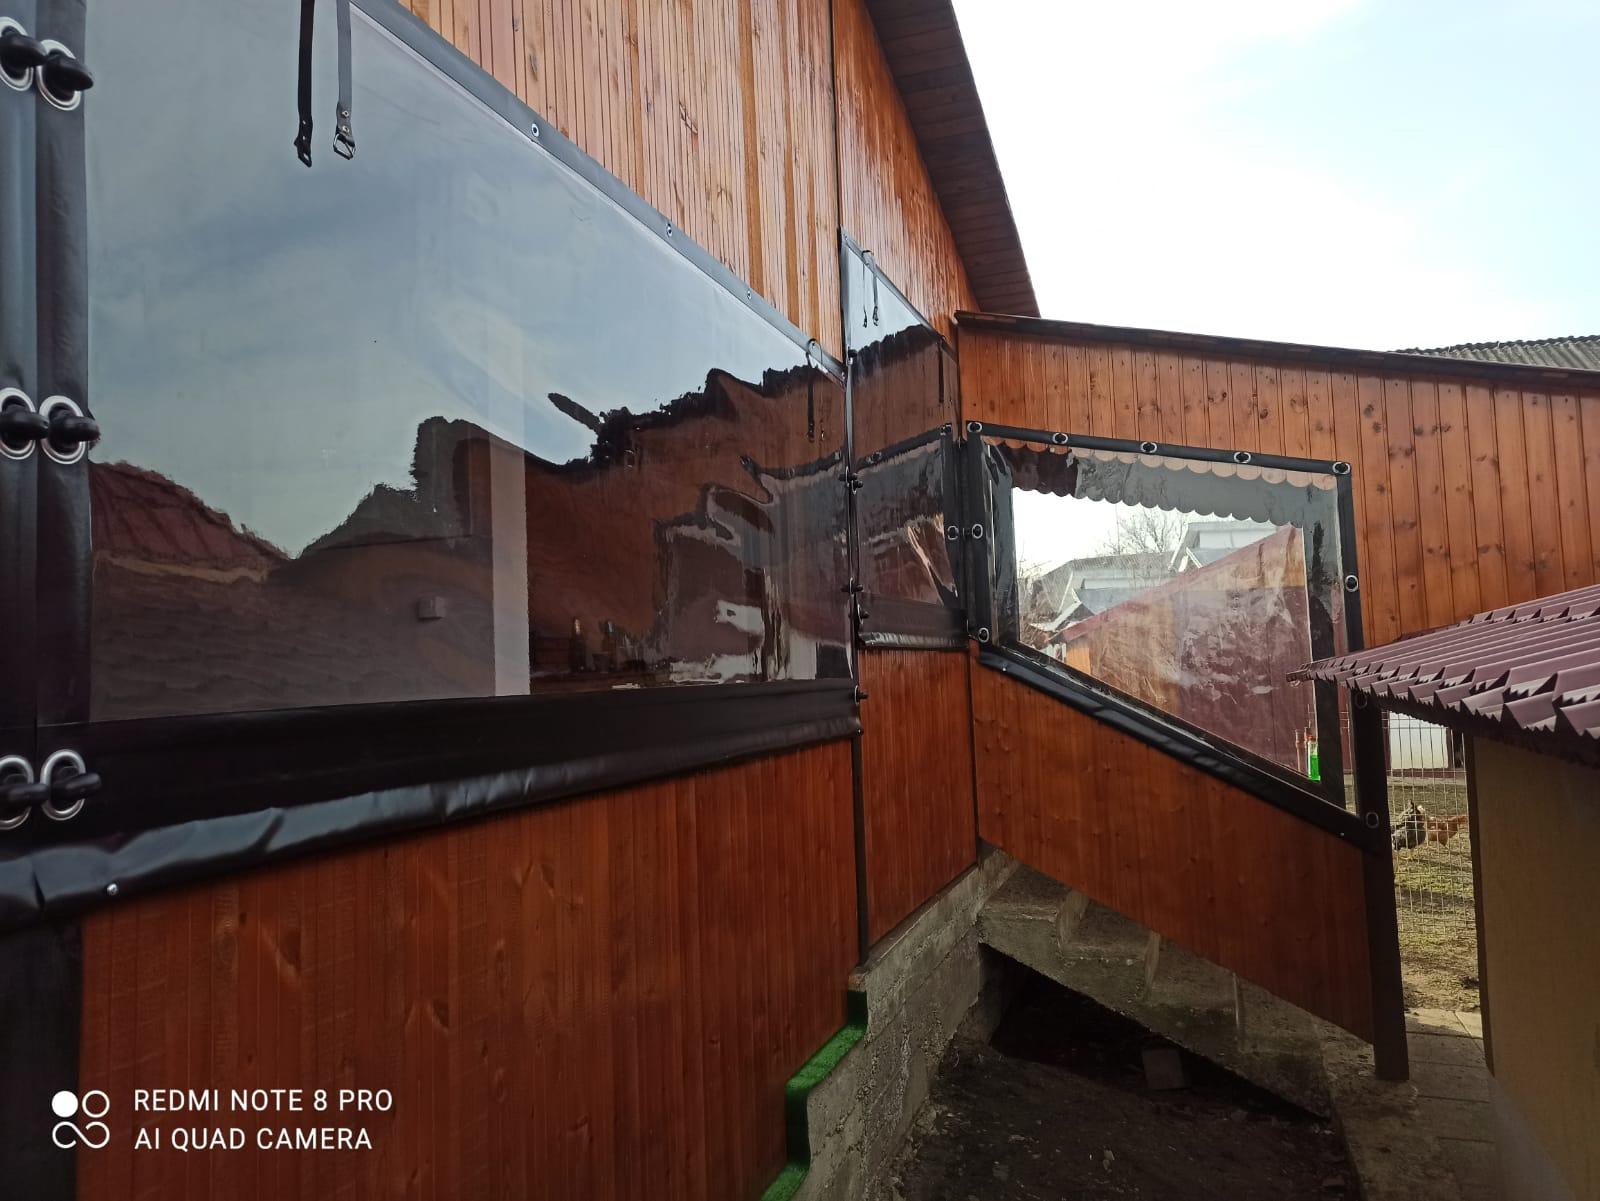 Închideri terase cu rulouri folie transparentă CRISTAL Bacau